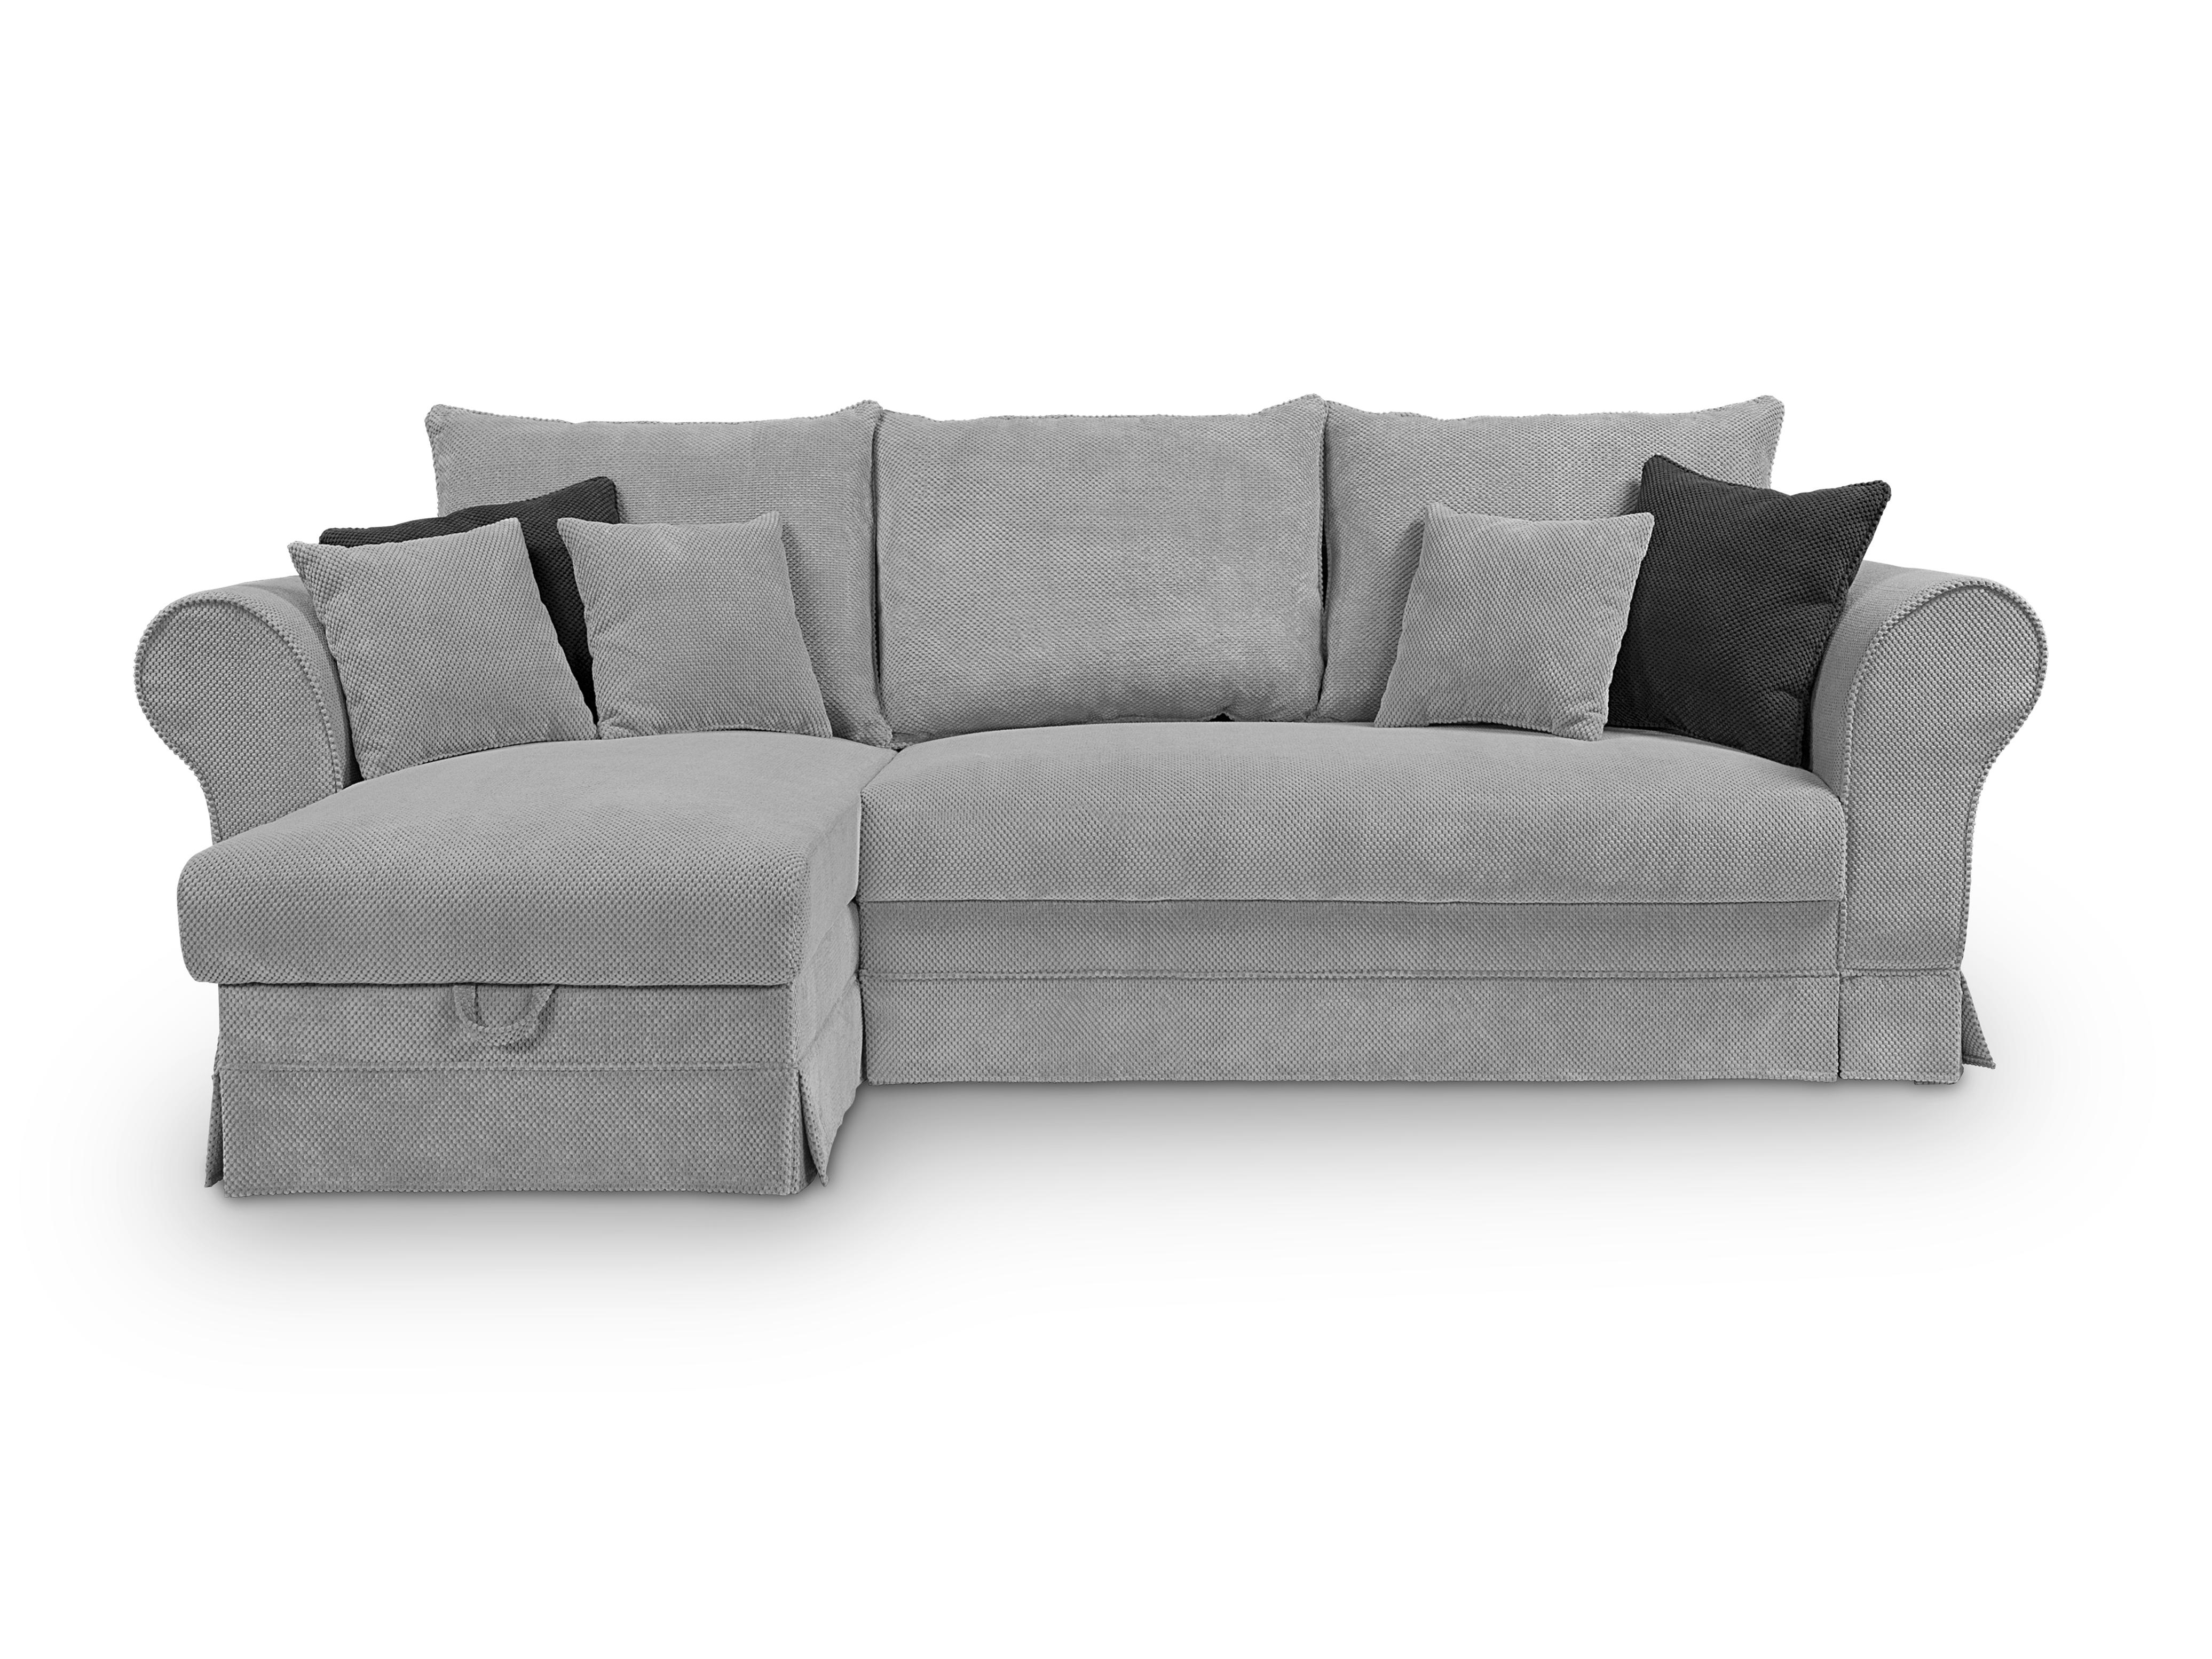 Rohová sedací souprava - BRW - Margaret Lux 3DL.URCBK (šedá) (L)